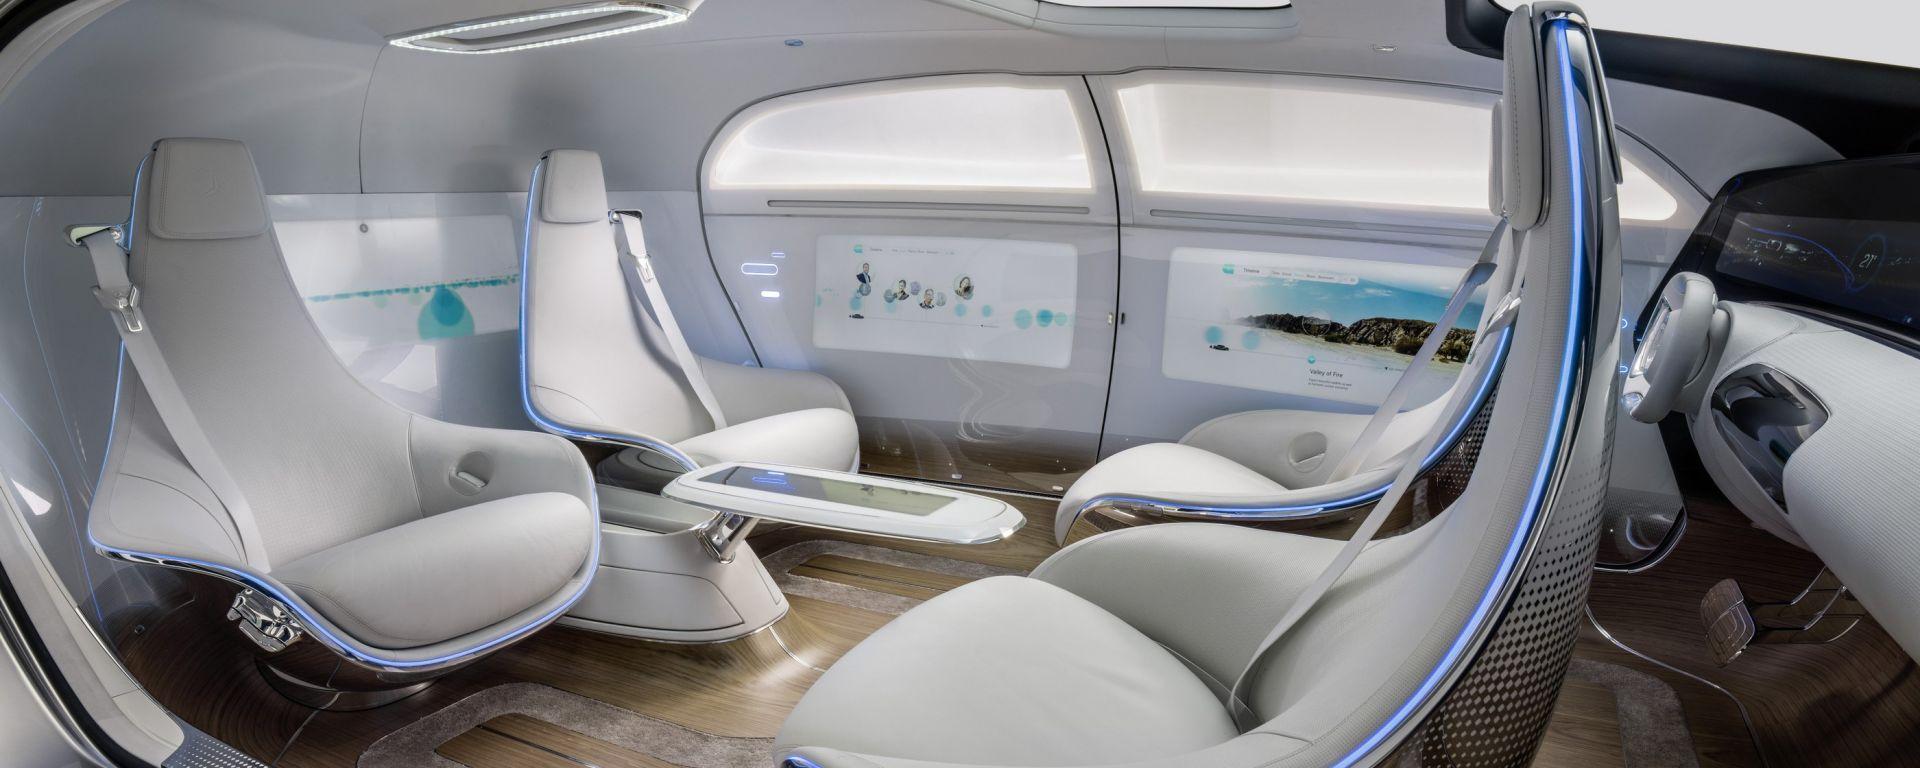 Smart mobility: auto robot e car sharing renderanno irrilevante la marca dei veicoli?